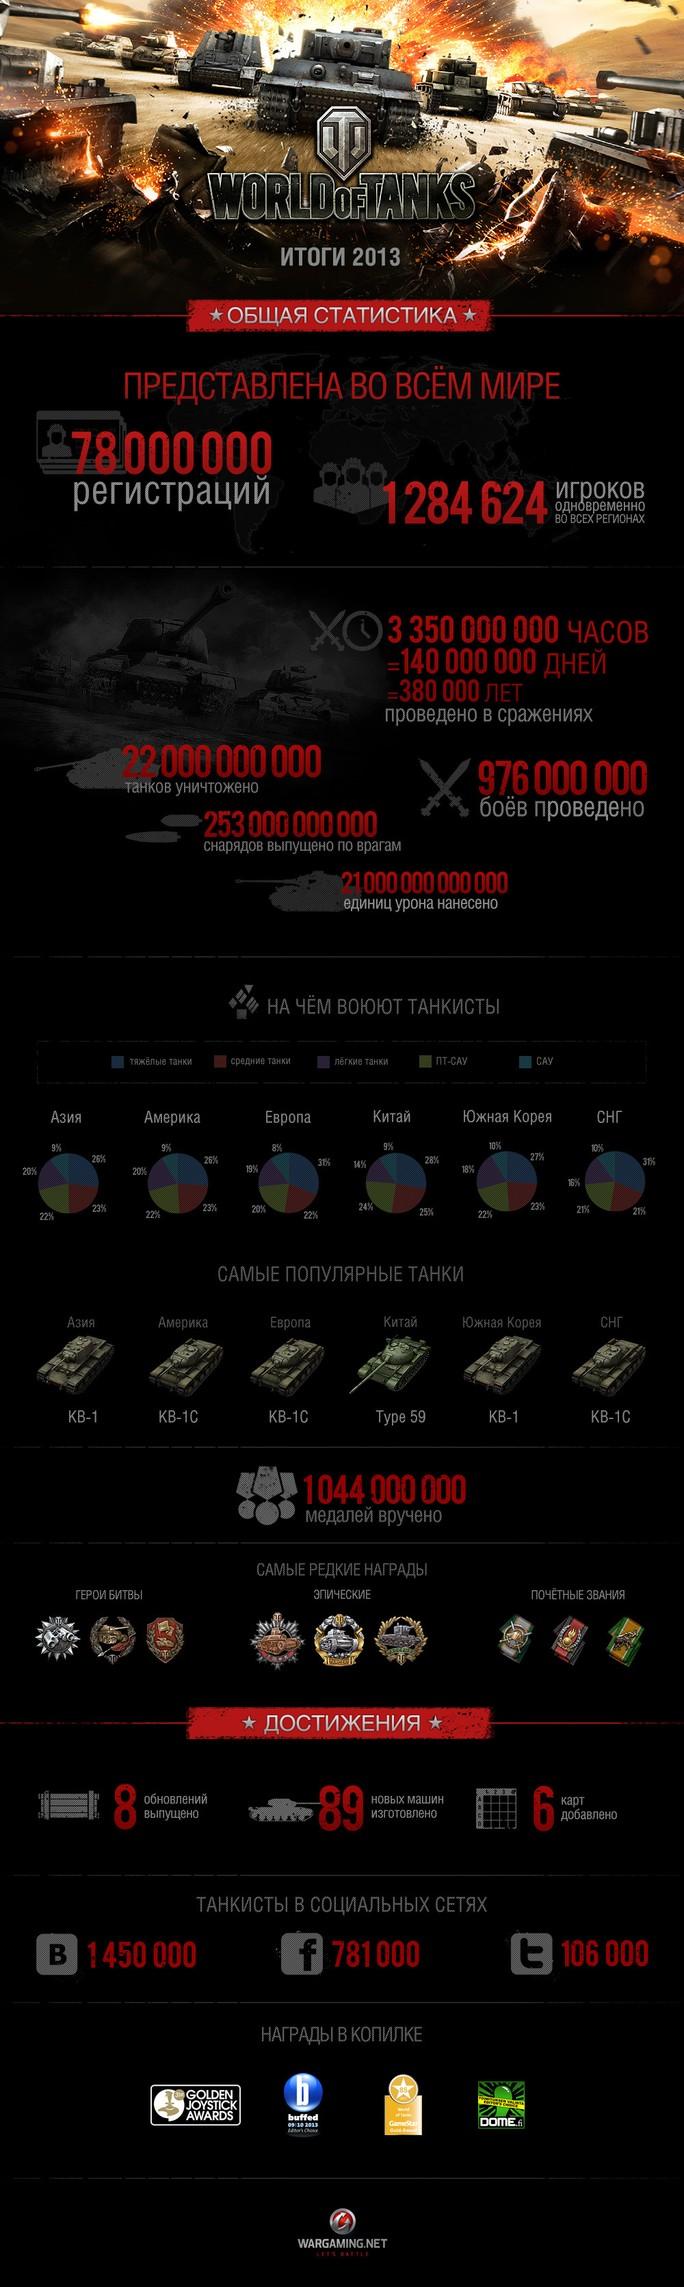 У World of Tanks одночасно воюють до 1,3 мільйона танкістів